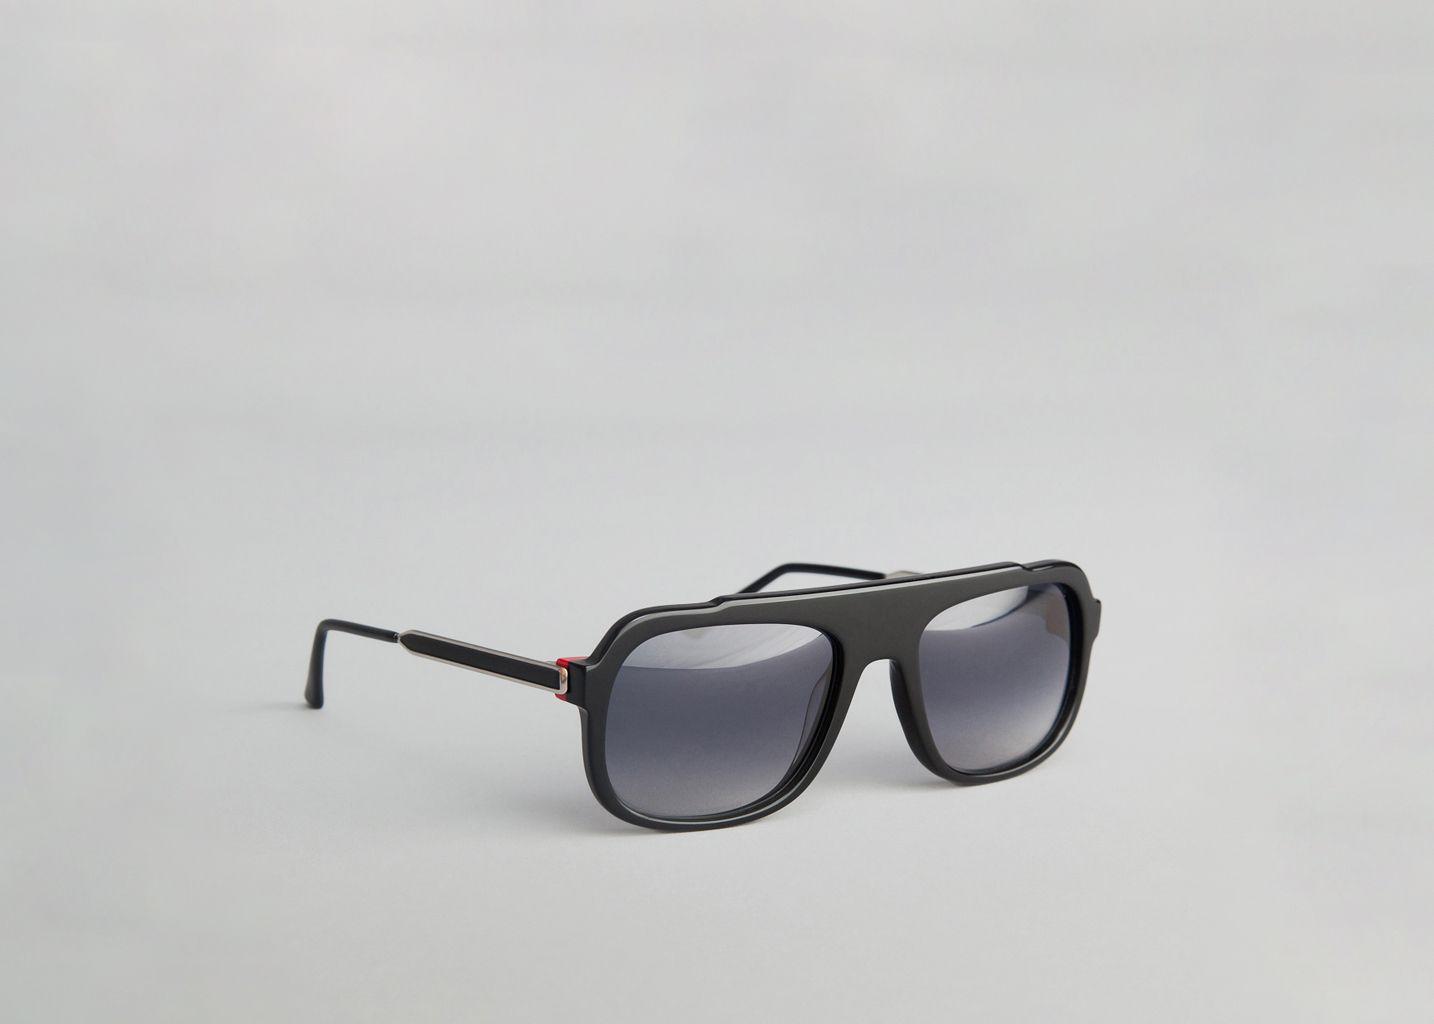 lunettes de soleil bowery thierry lasry noir l 39 exception. Black Bedroom Furniture Sets. Home Design Ideas